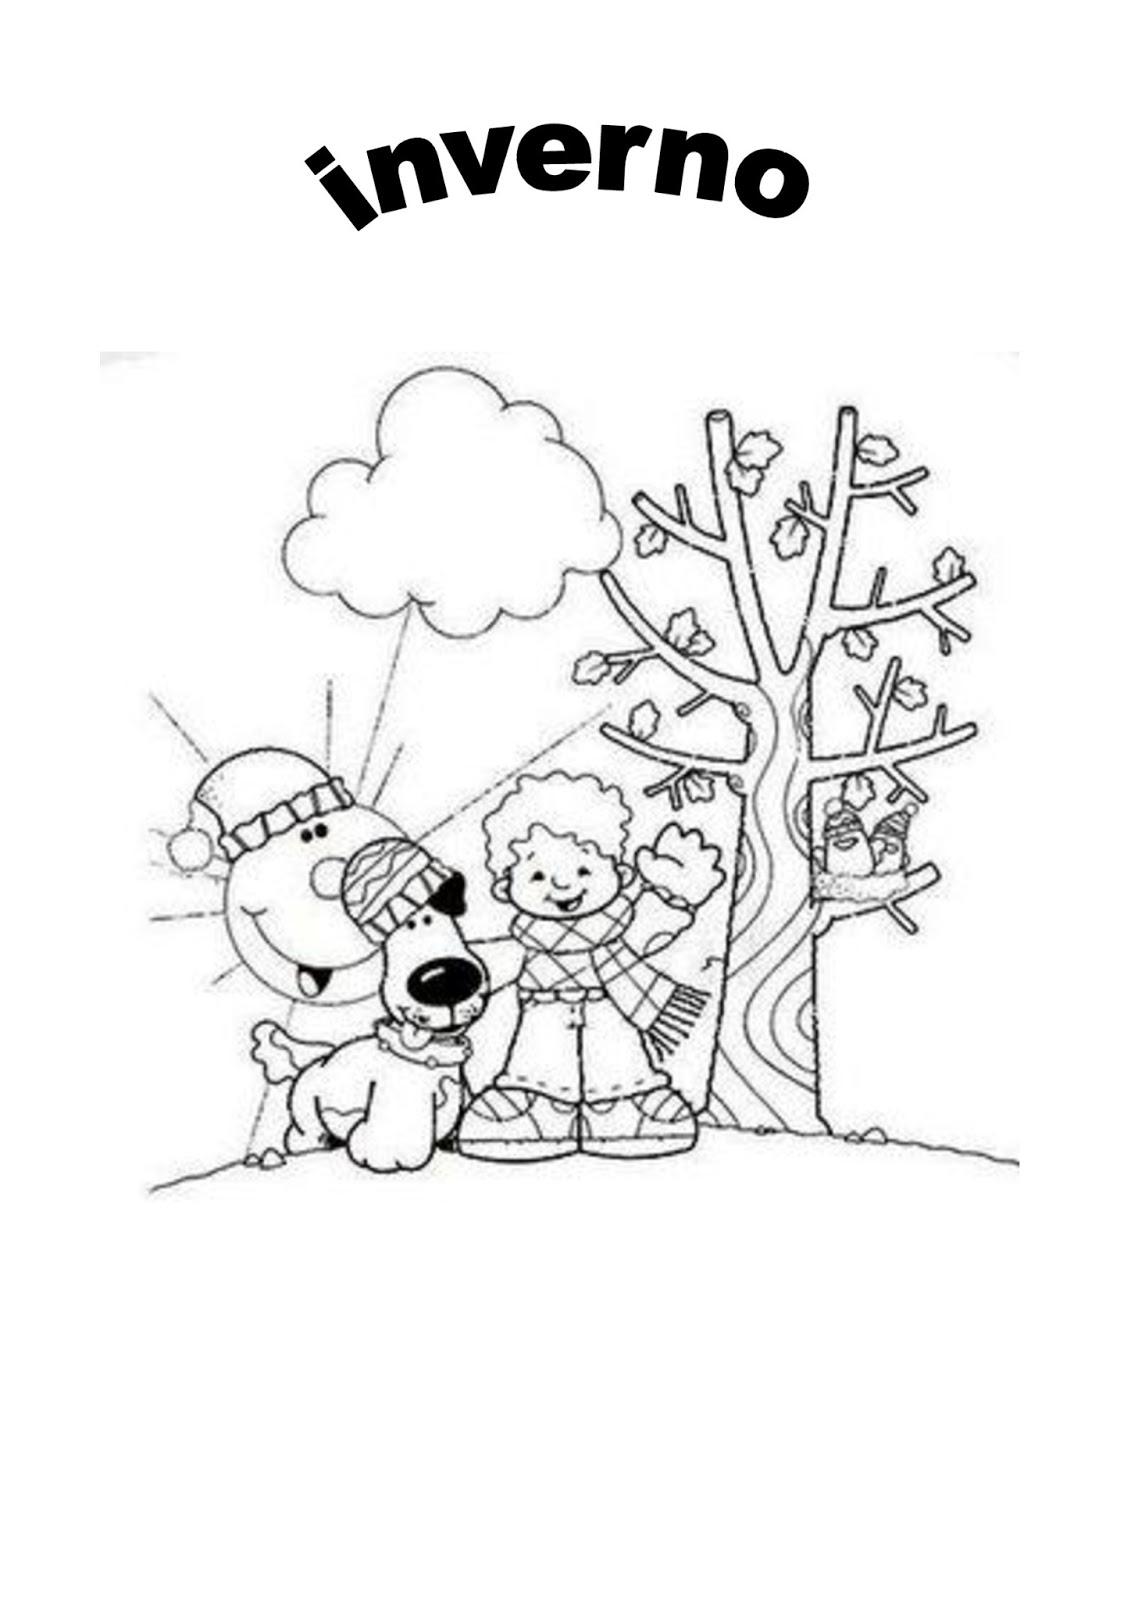 #colorear #números #pintar #dibujar #imprimirypintar #dibujoimagenes.com. Imagens de Inverno para colorir. - Aprender e Brincar